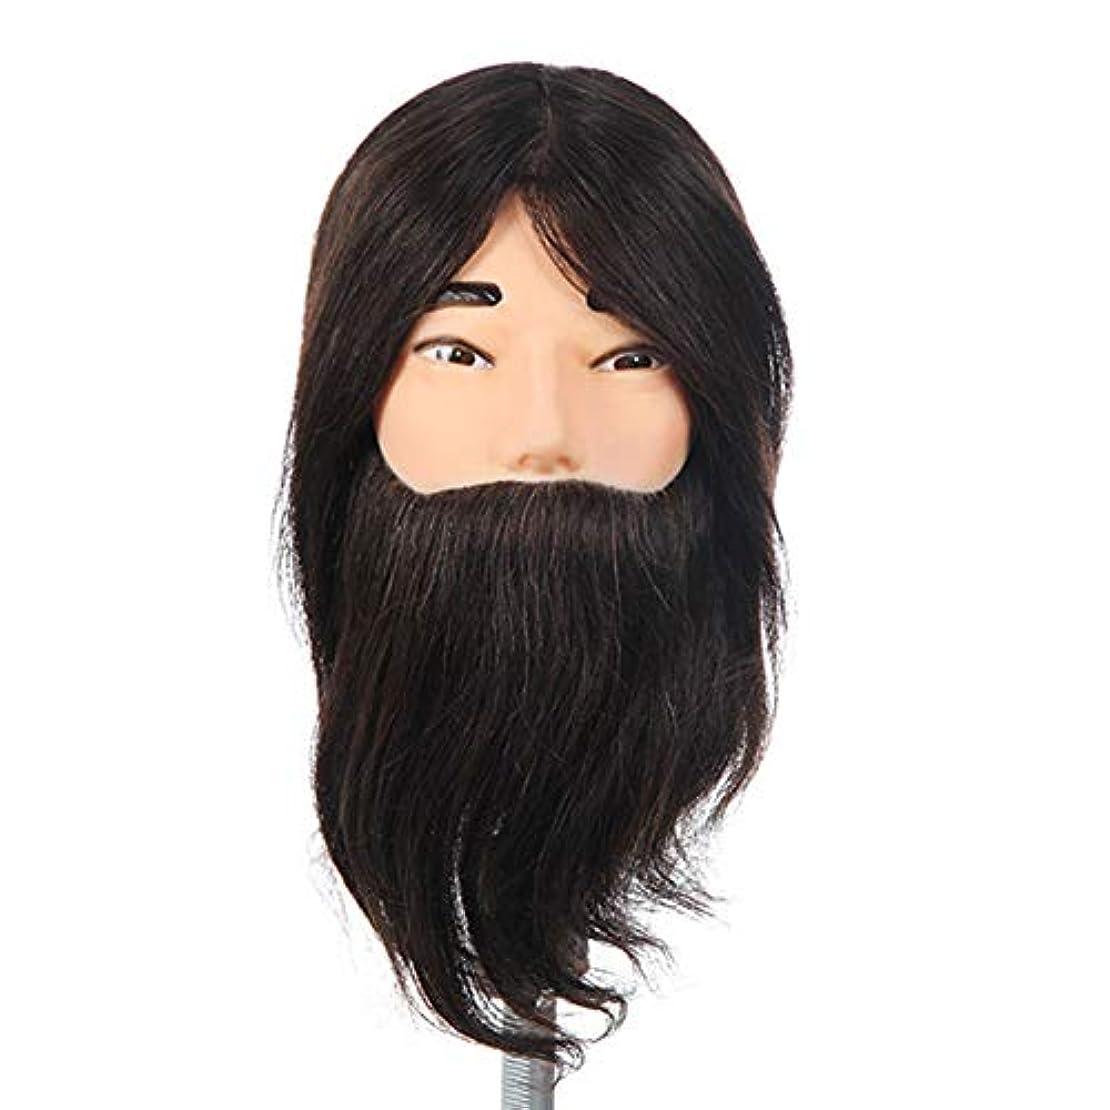 最悪彼らのもの煩わしい男性の本物の髪ショートヘアダミーヘッド理髪店トリミングひげヘアカットの練習マネキン理髪学校専用のトレーニングヘッド